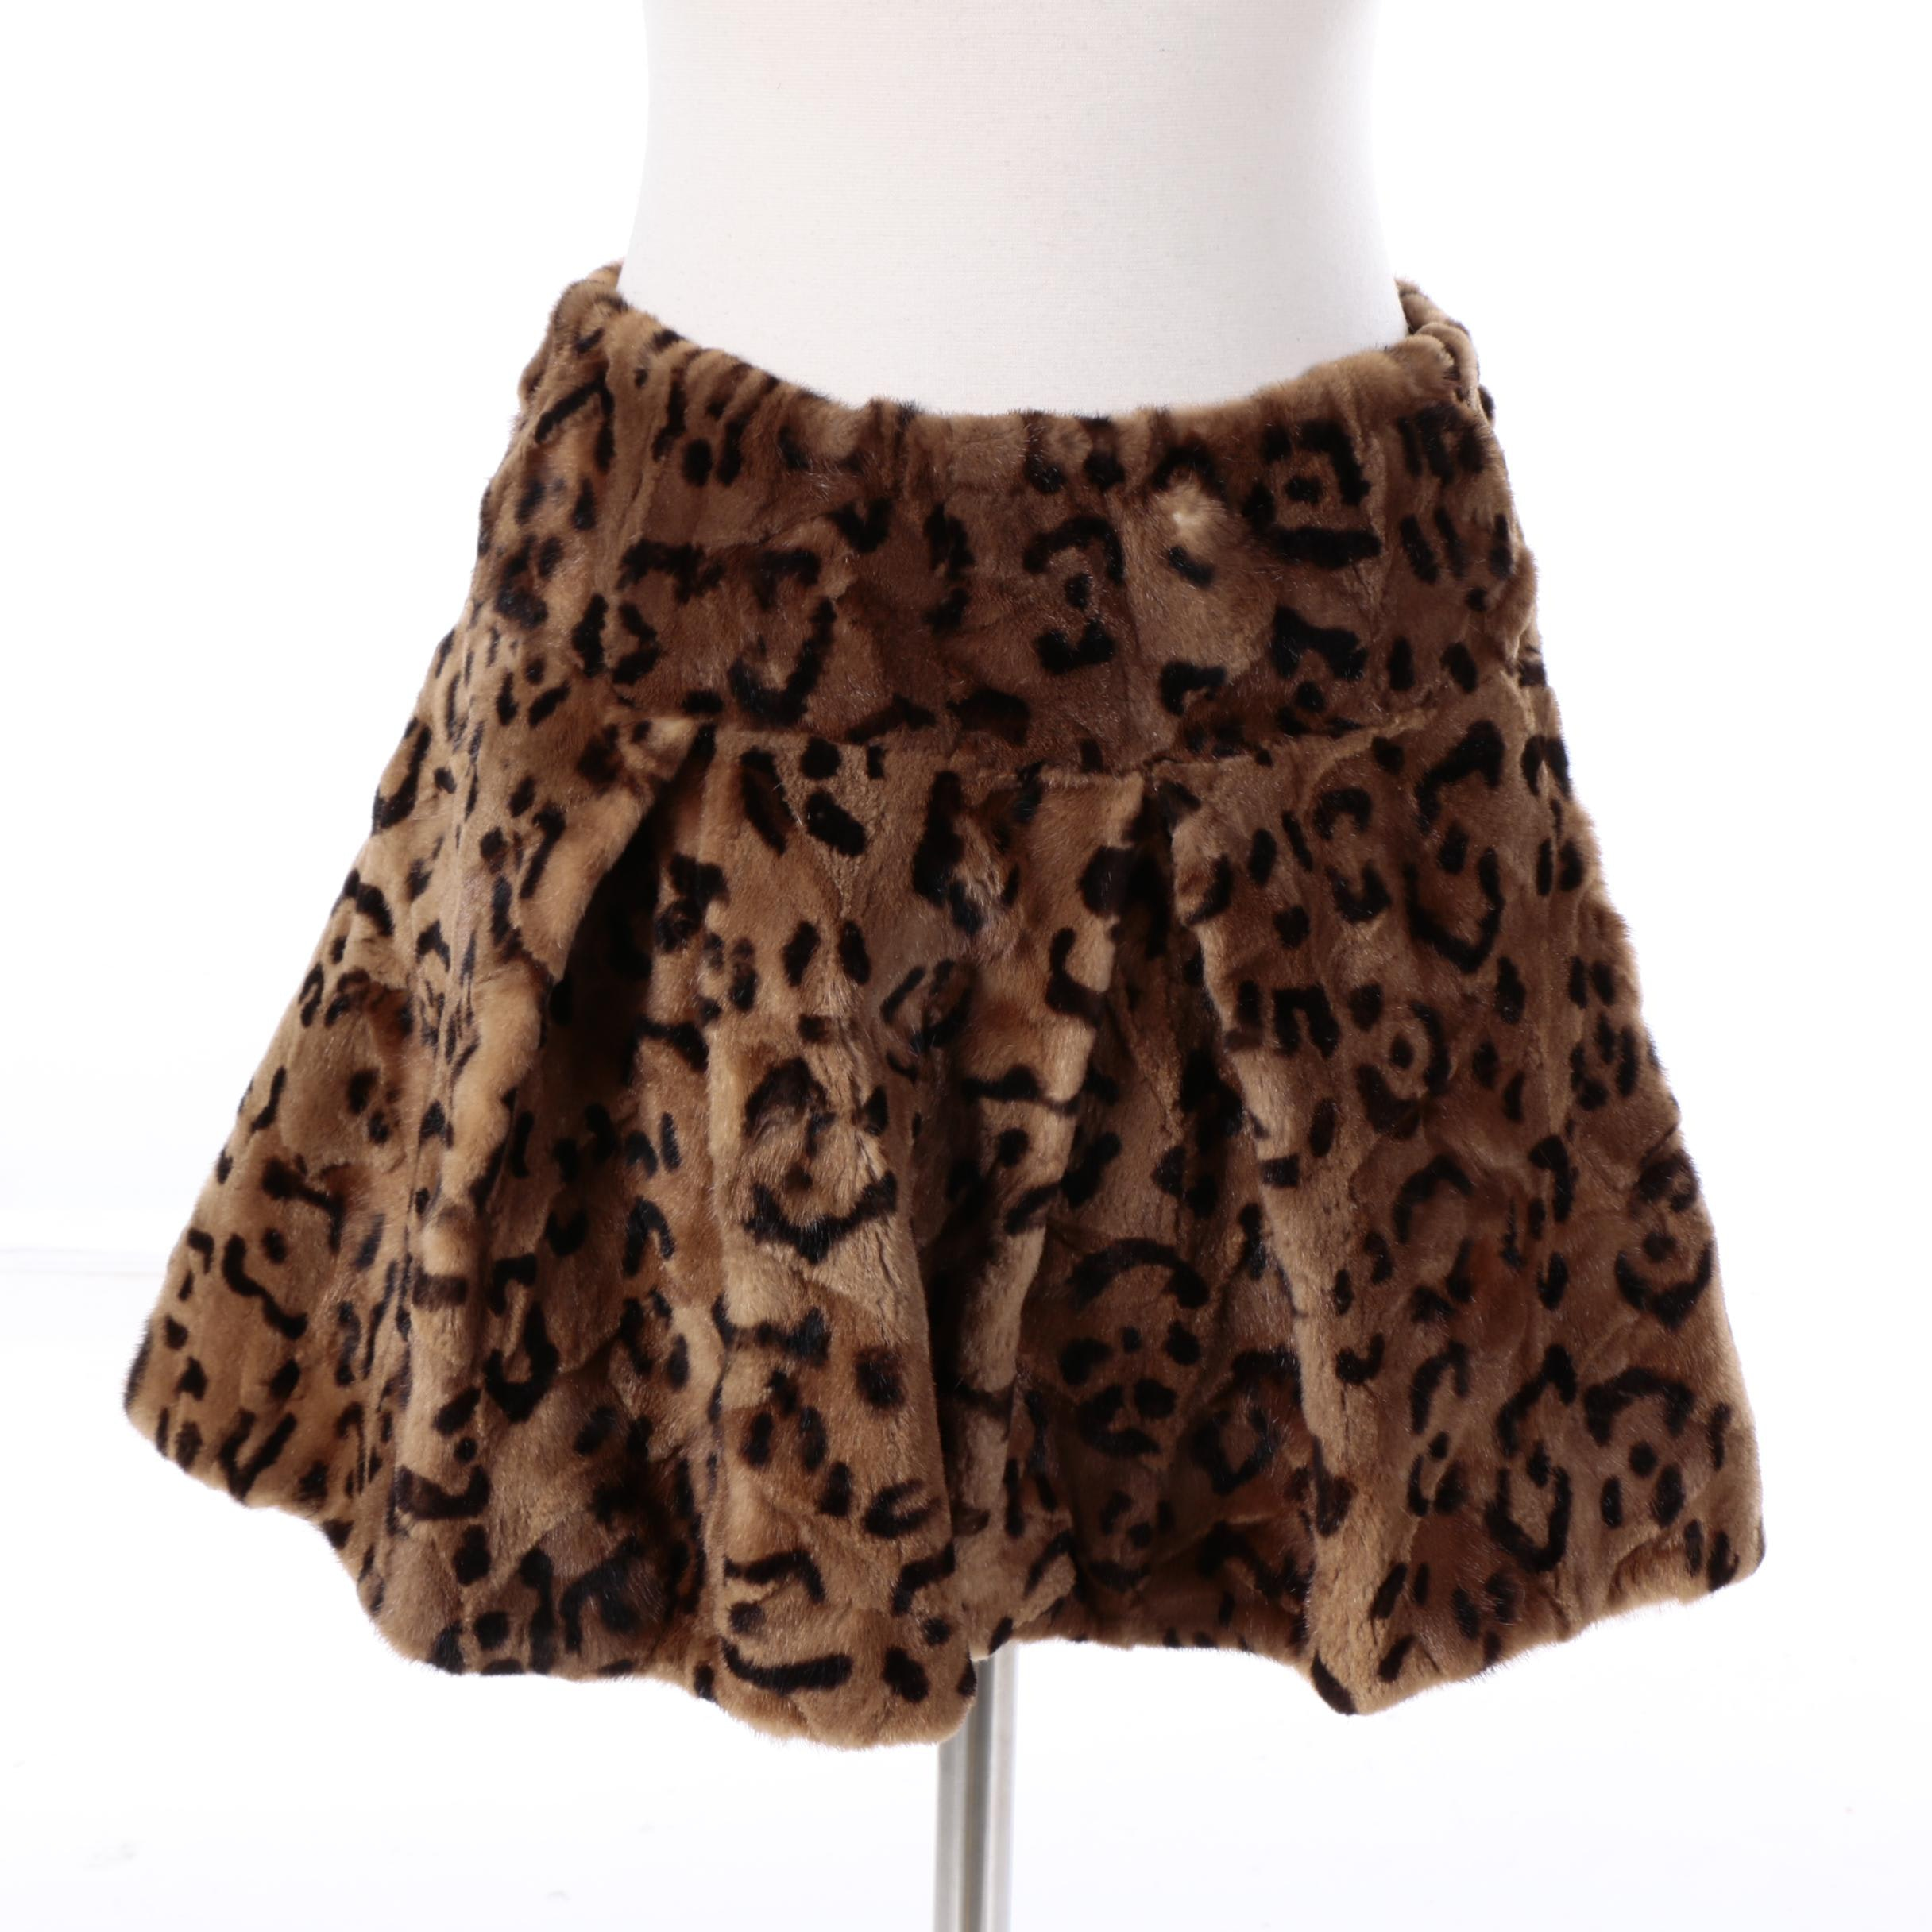 Women's A. Tsagas Leopard Print Dyed Sheared Mink Fur Skirt